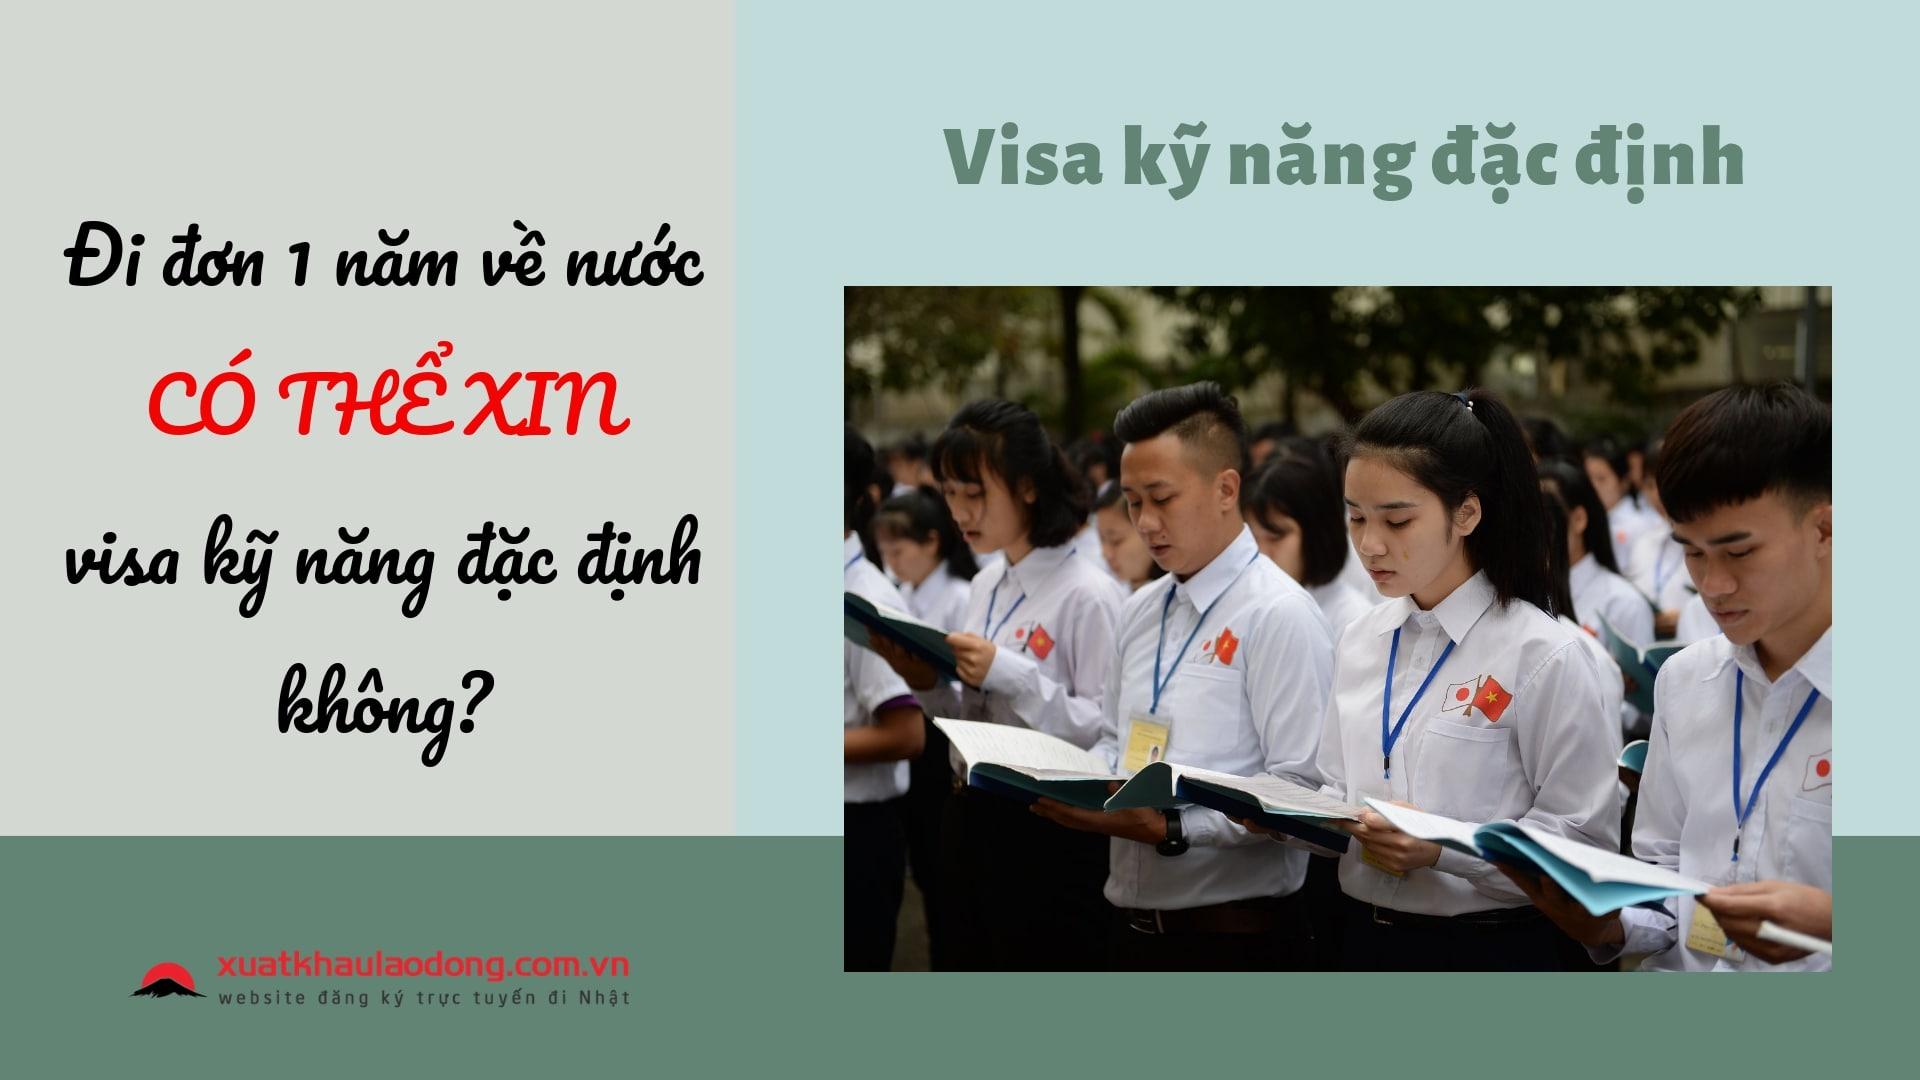 Gỡ rối mọi vấn đề về visa kỹ năng đặc định